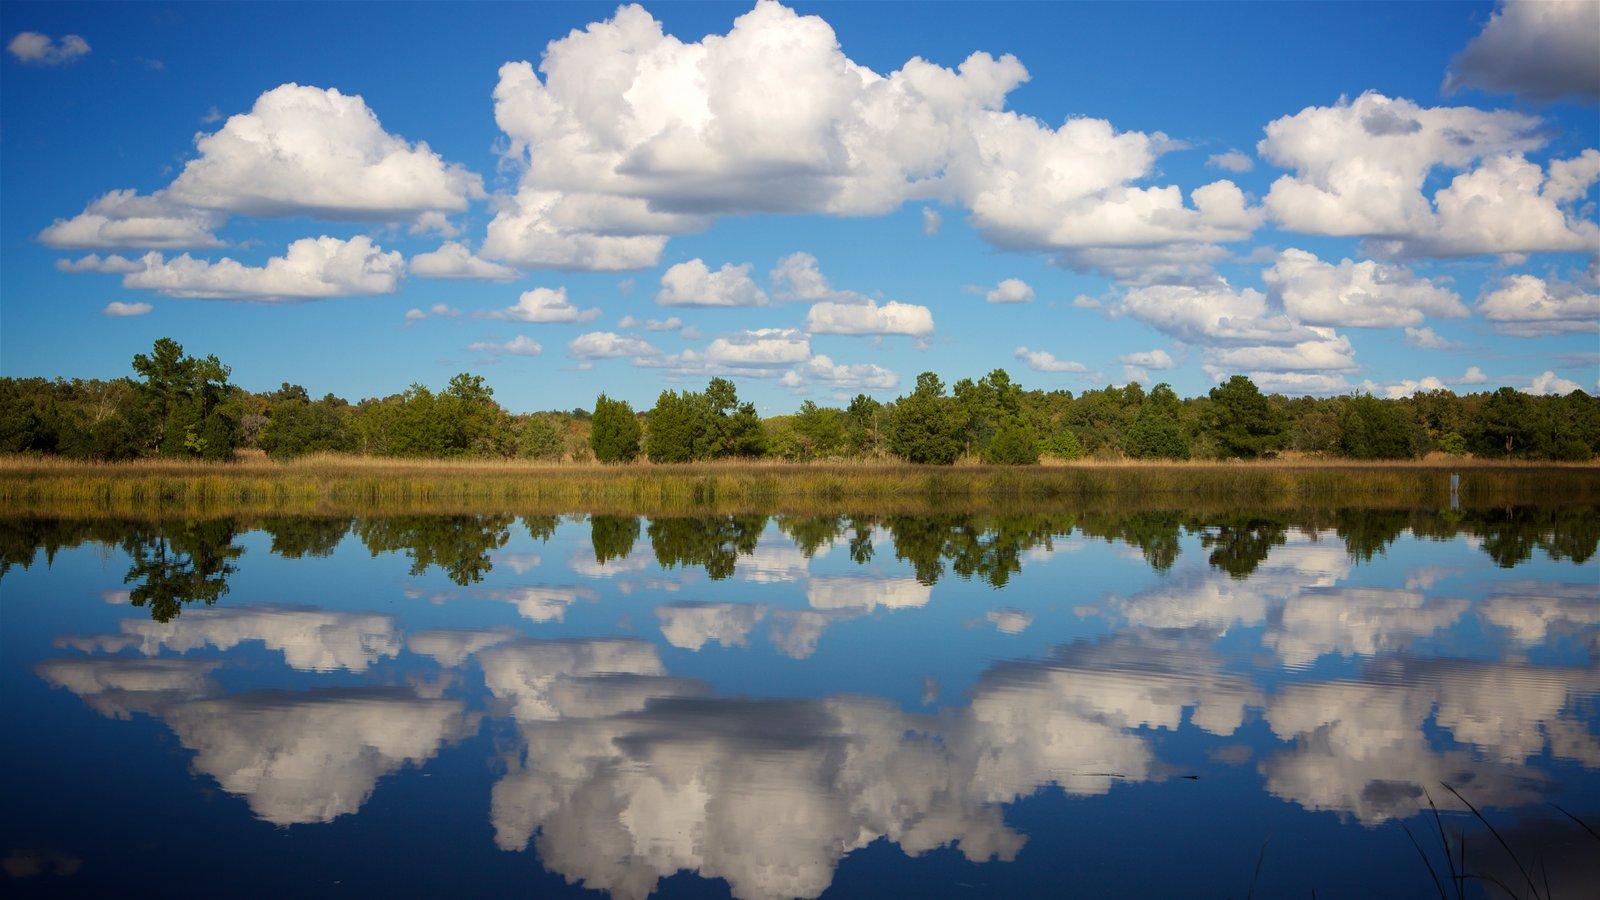 Charleston caracterizando pântano e um rio ou córrego